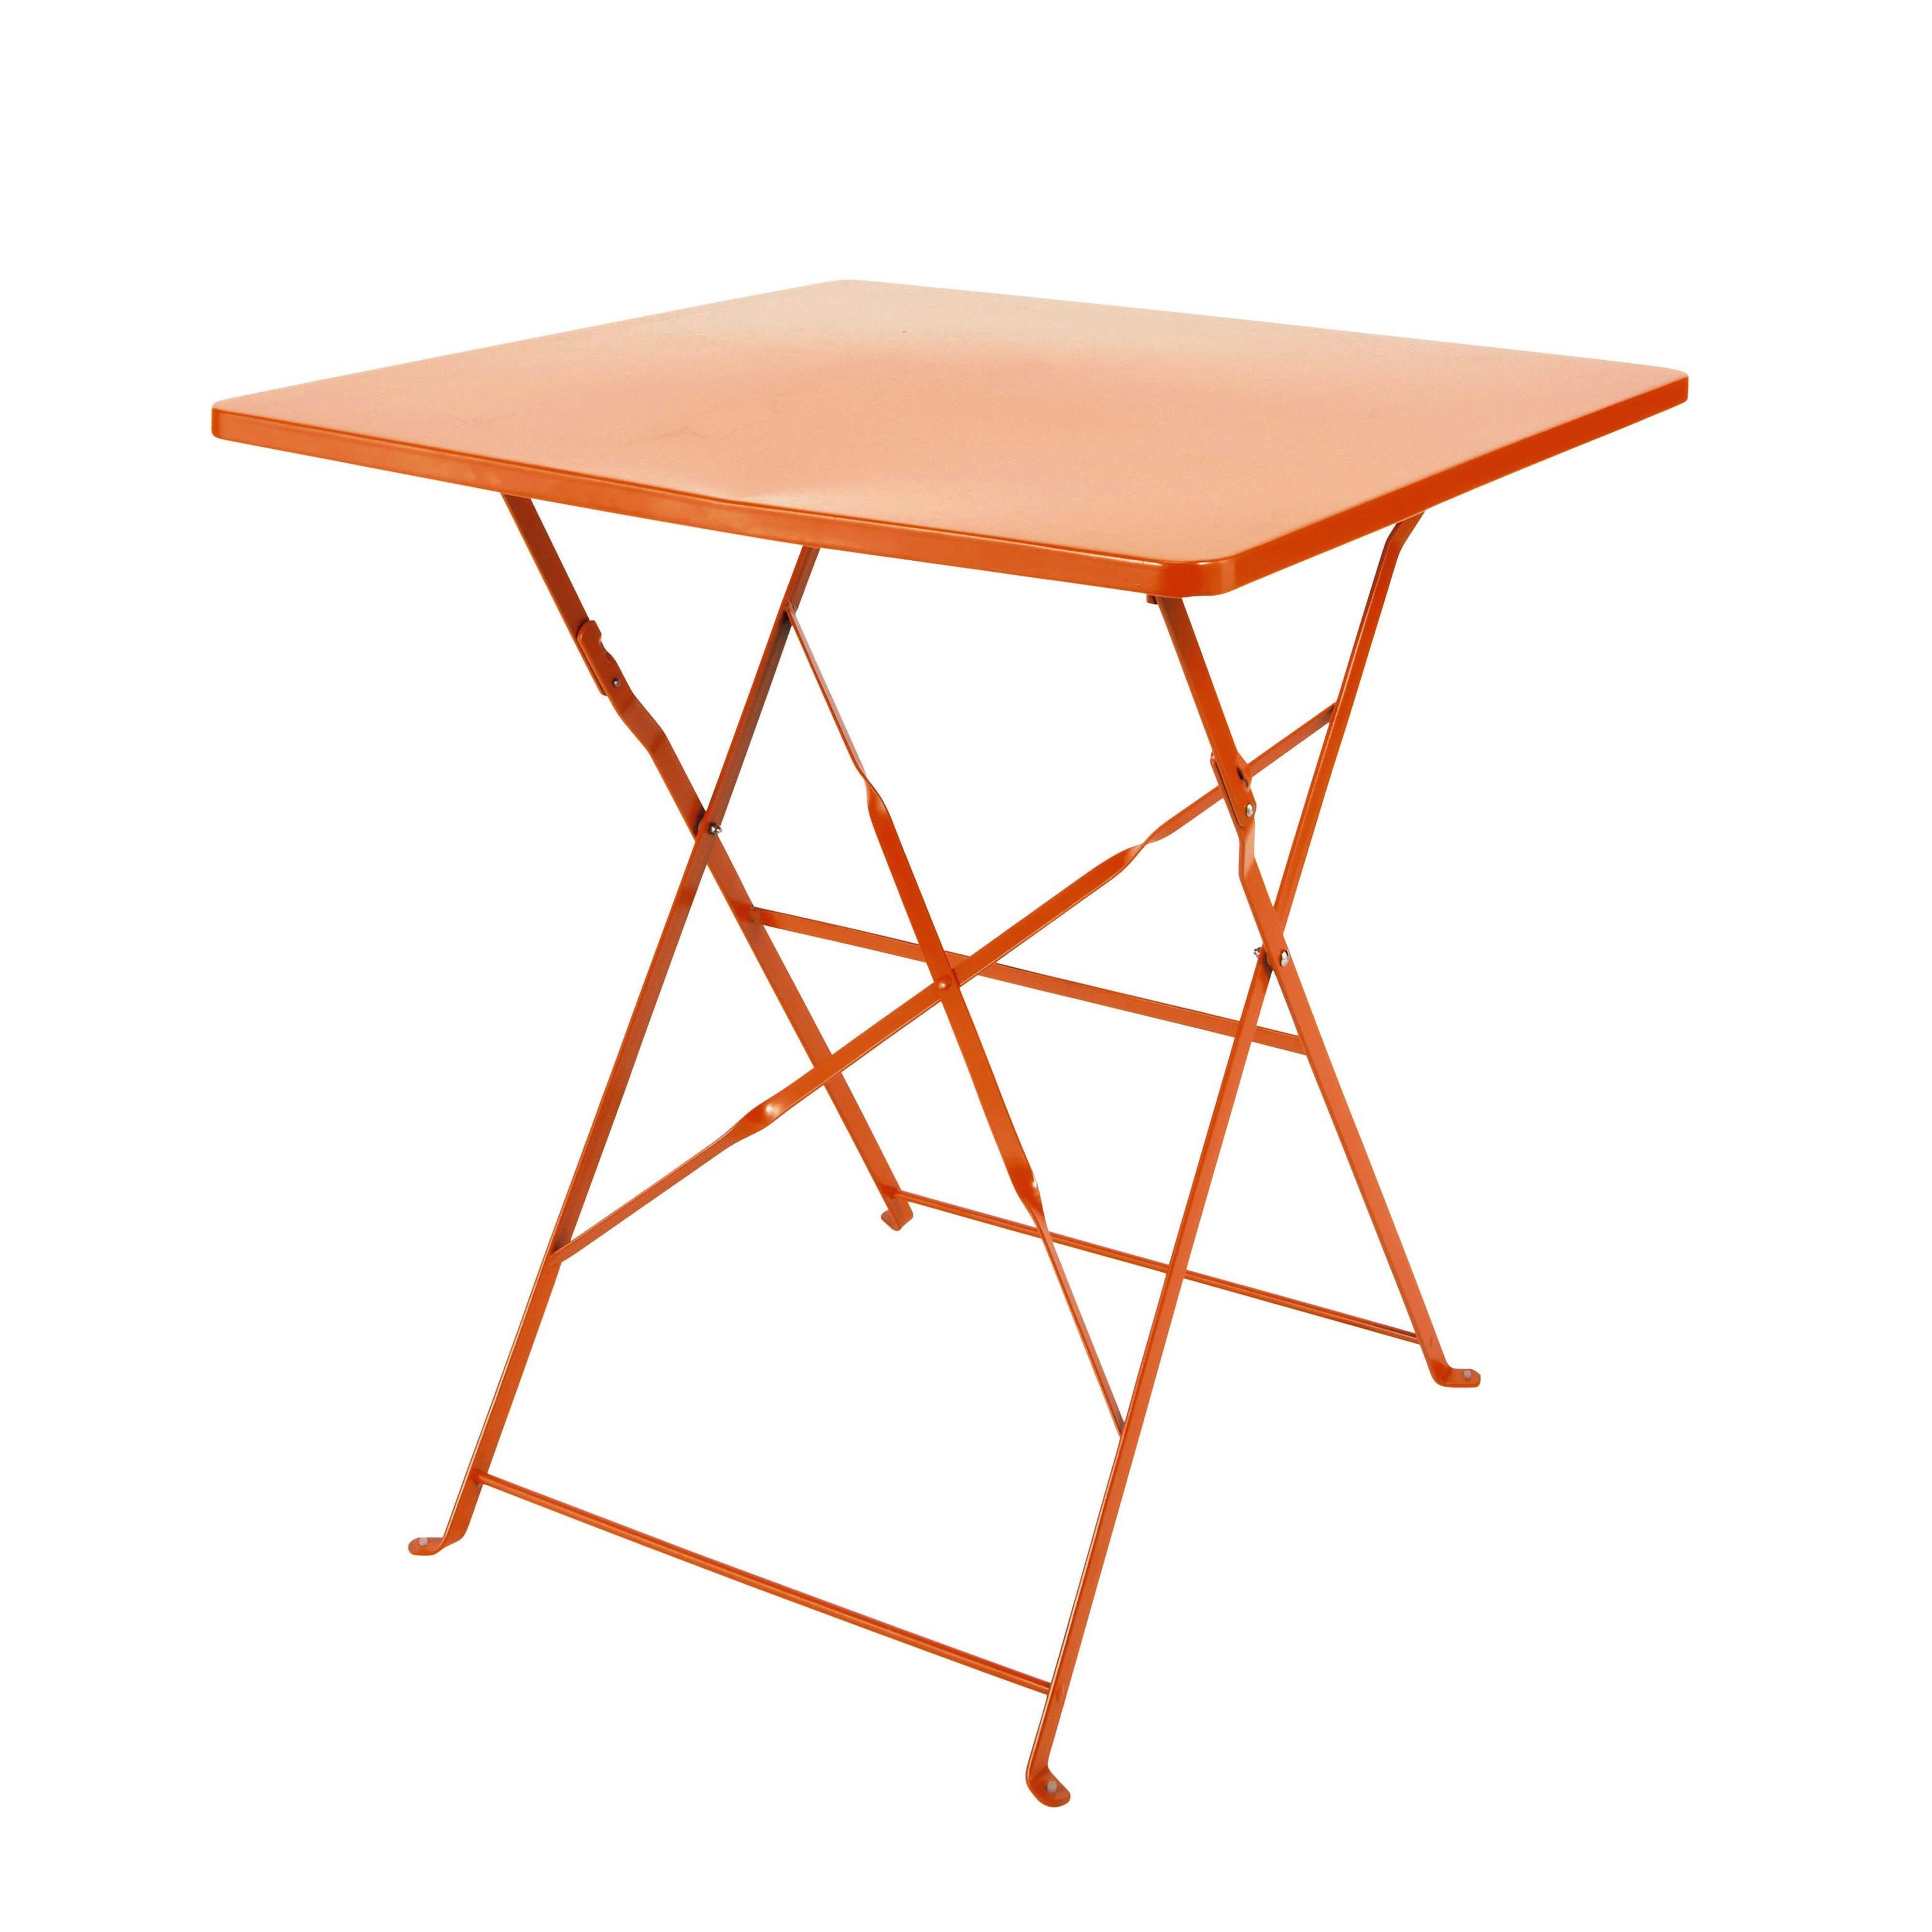 Klappgartentisch Aus Metall B 70 Cm Orange Jetzt Bestellen Unter Https Moebel Ladendirekt De Garten Gartenmoebel Gartentisch Gartentisch Tisch Tischdesign